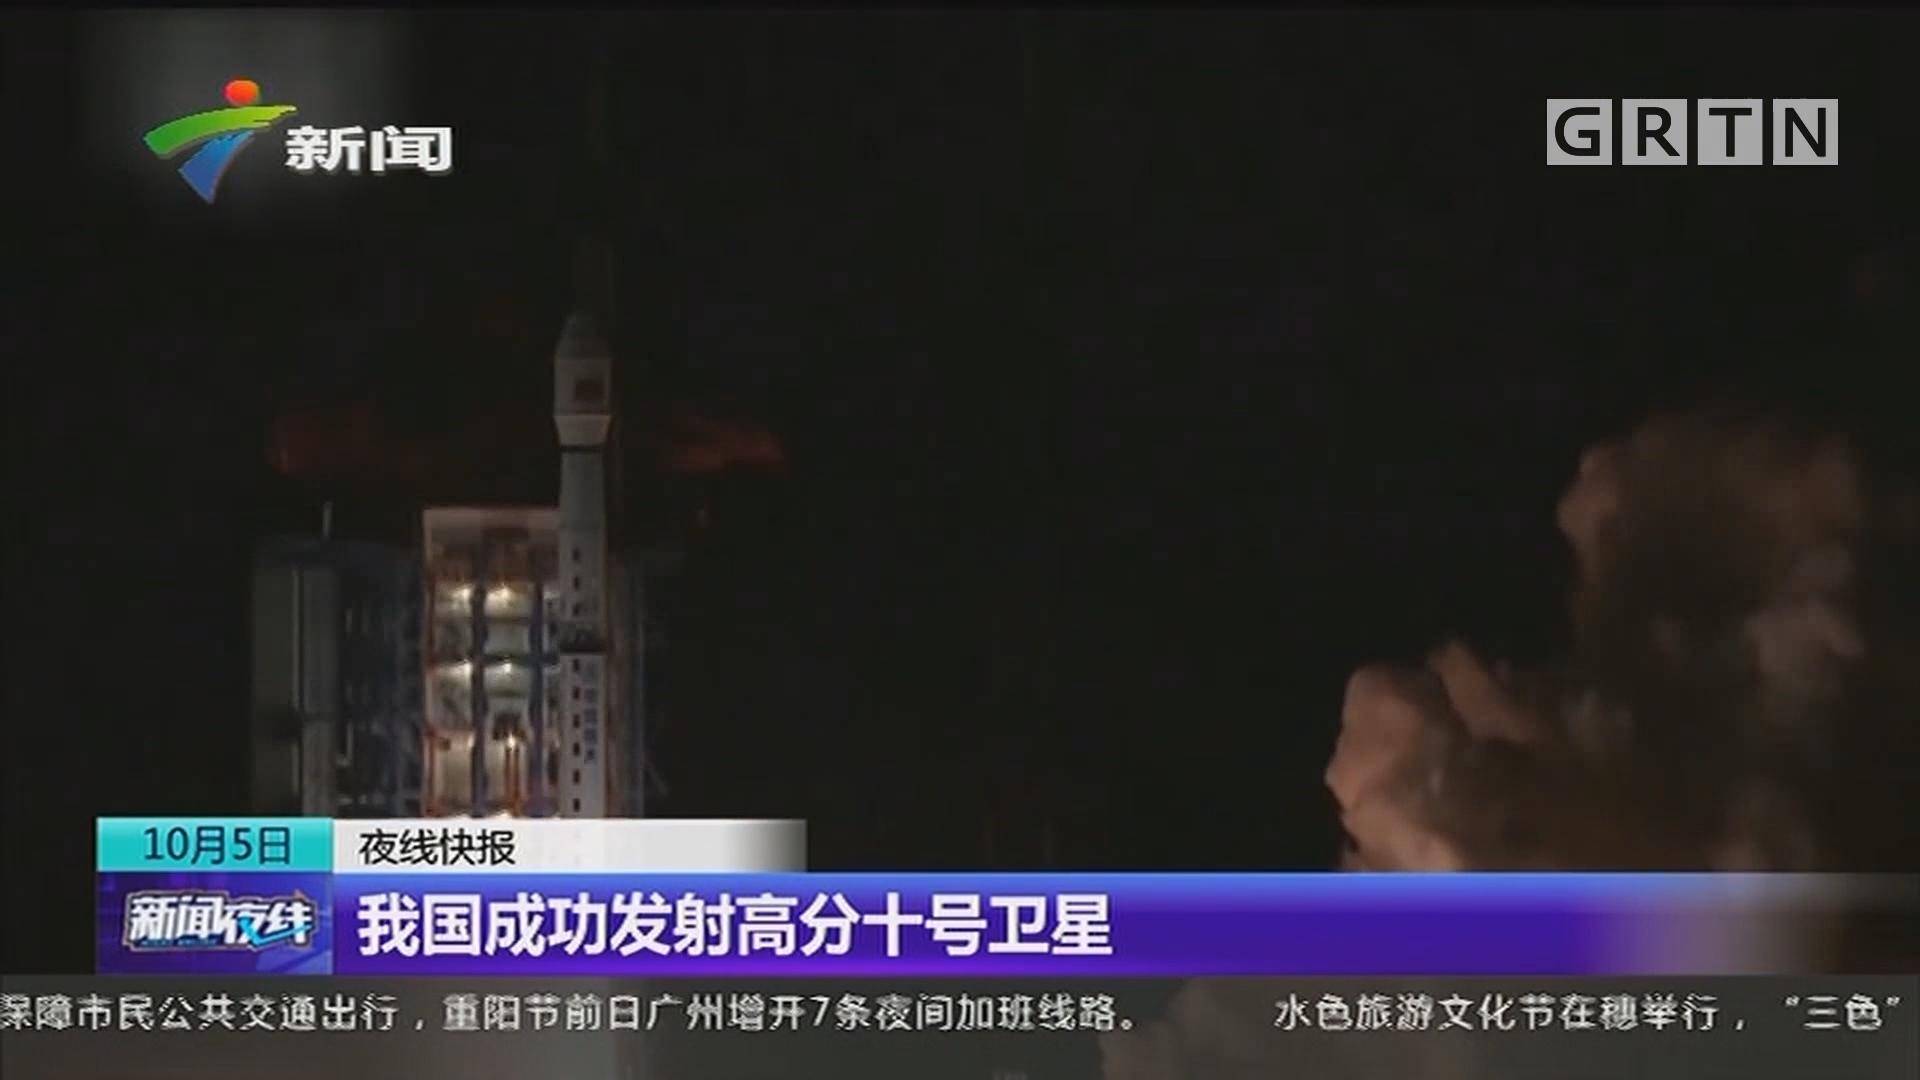 我国成功发射高分十号卫星